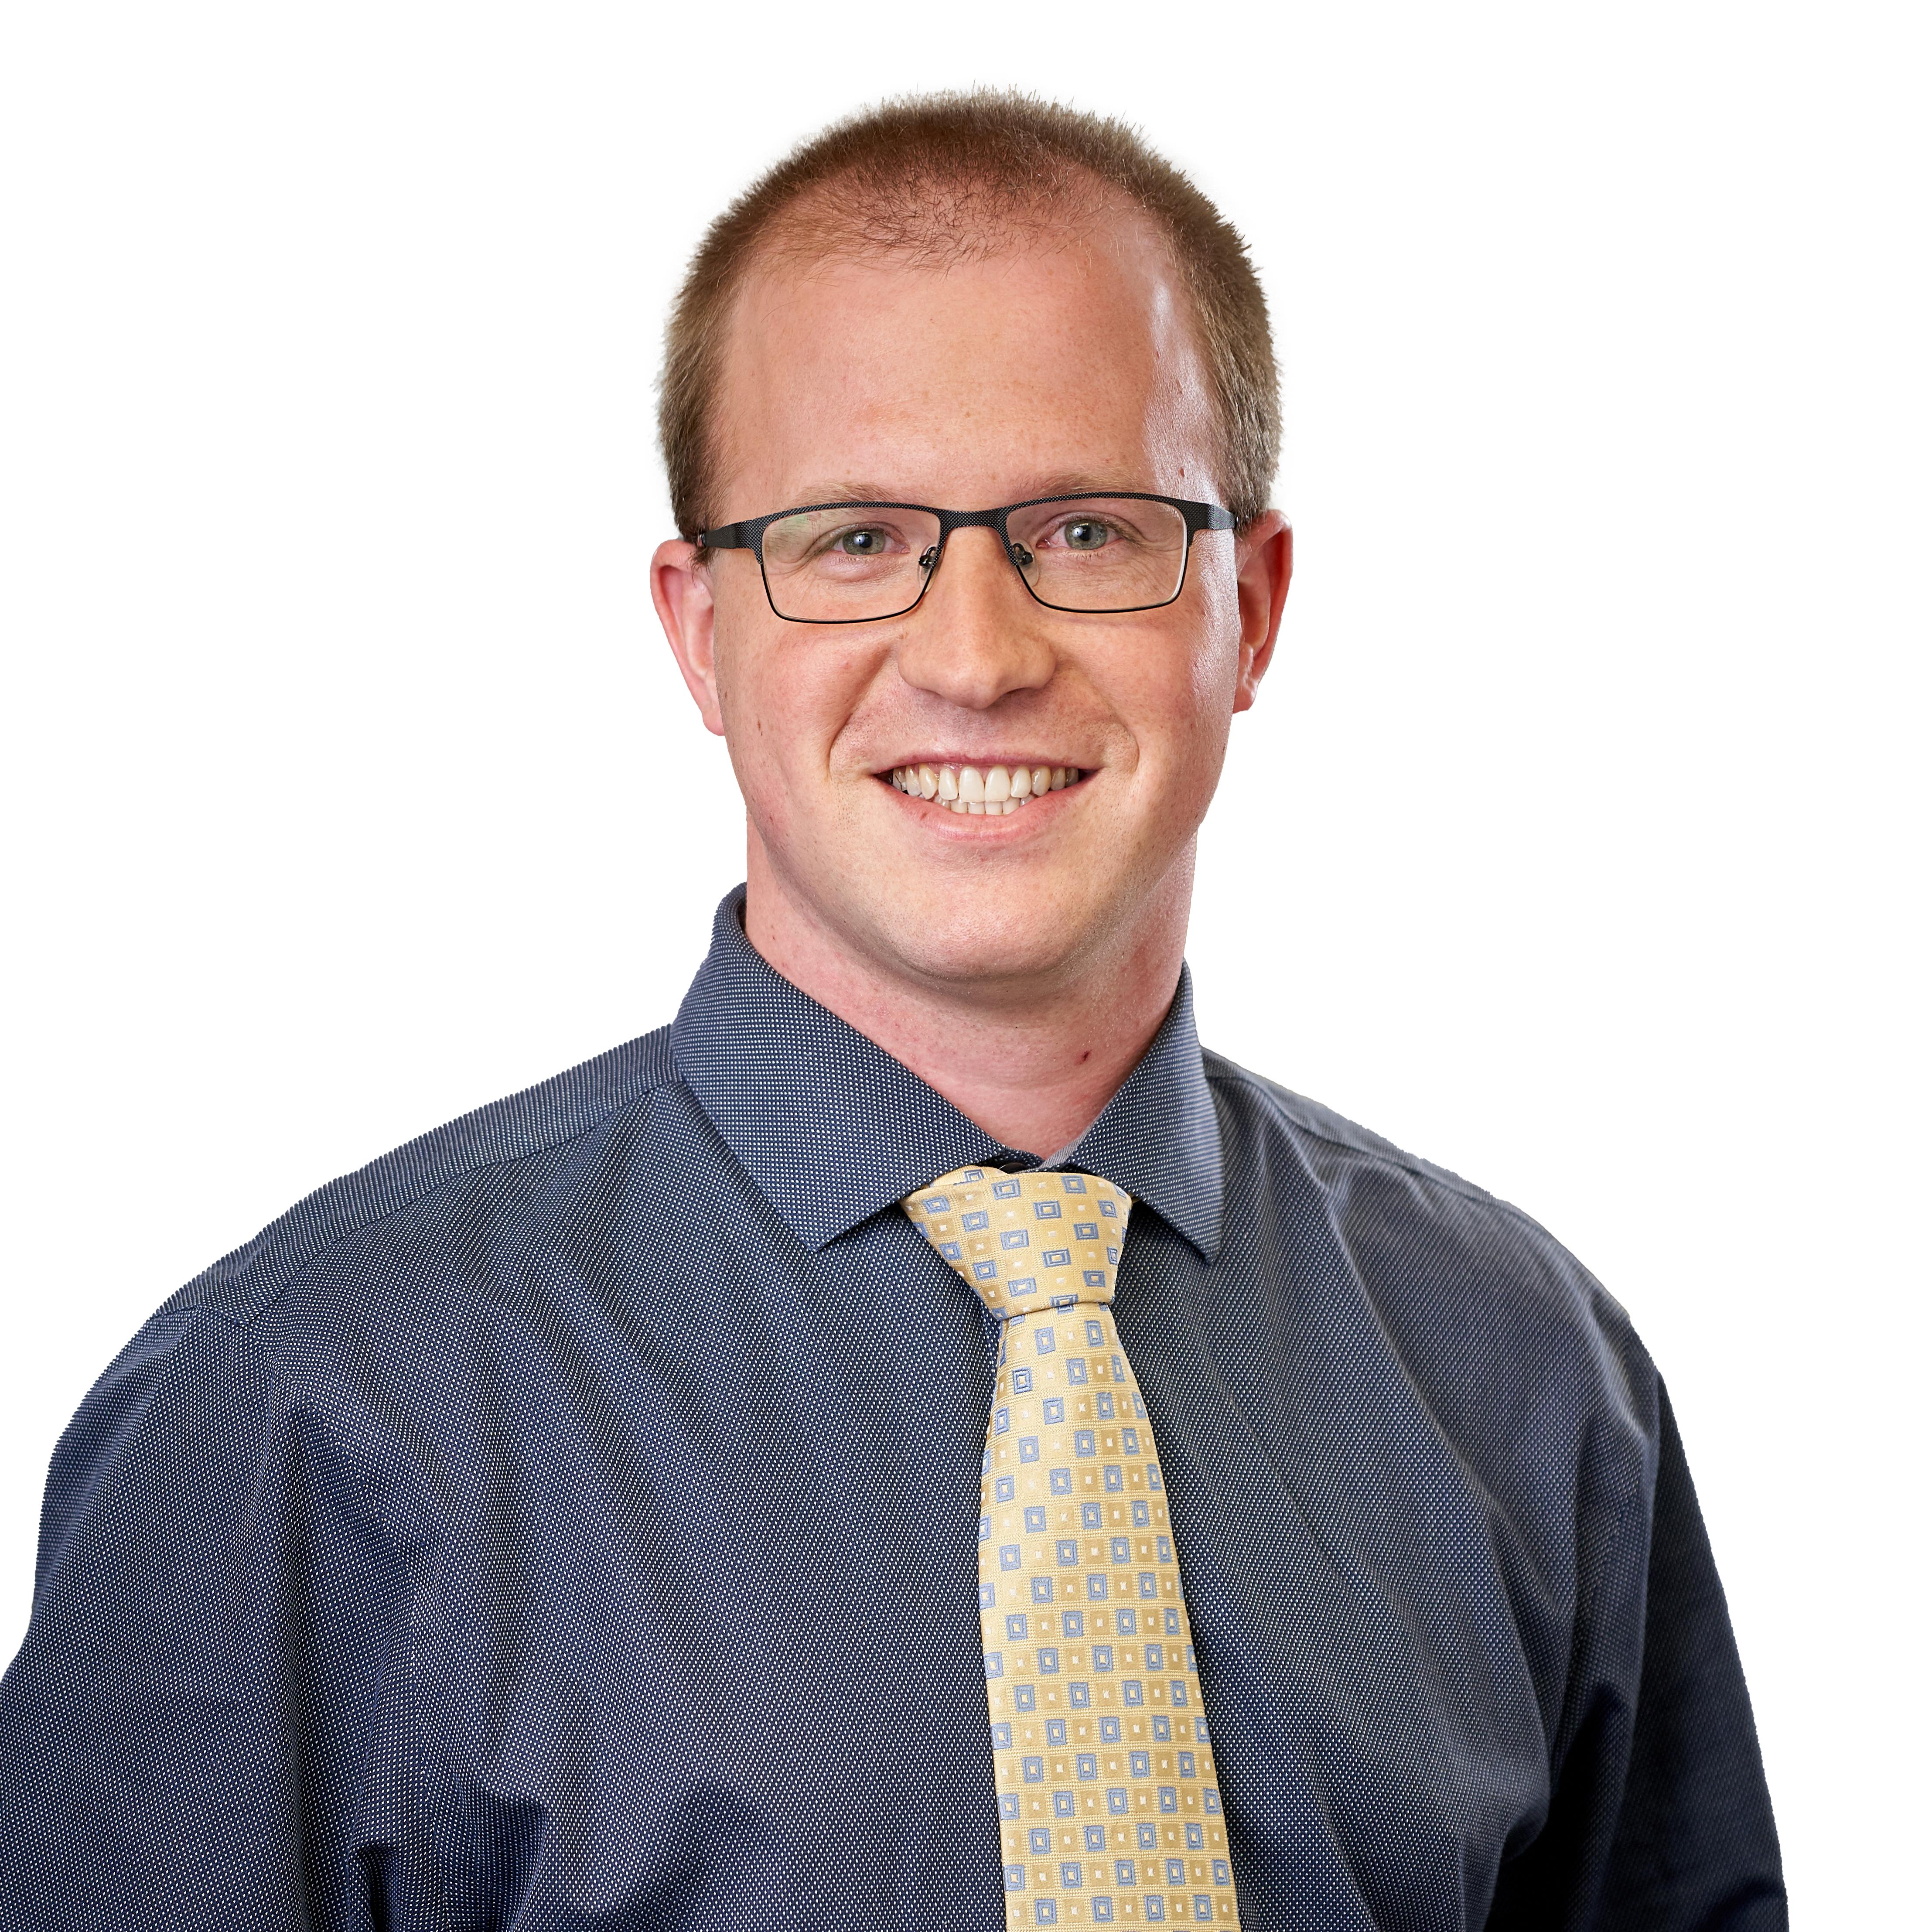 Kevin Breukelman